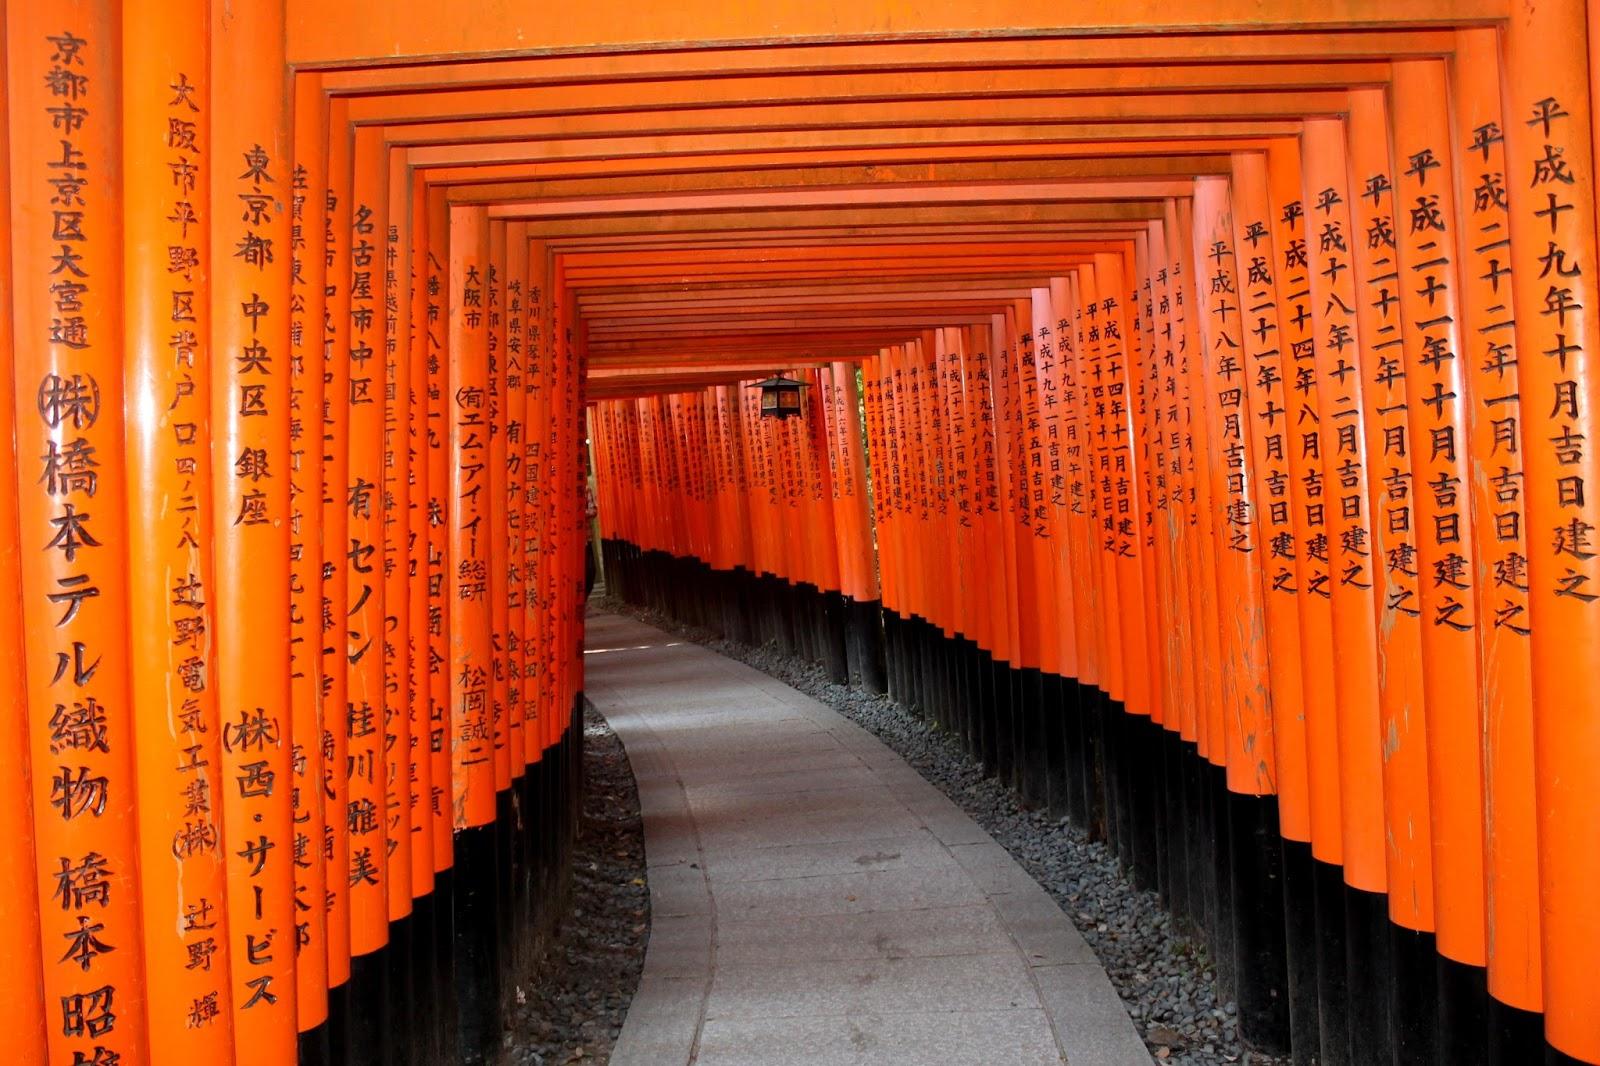 Immaginando: Kyoto e perché viaggio